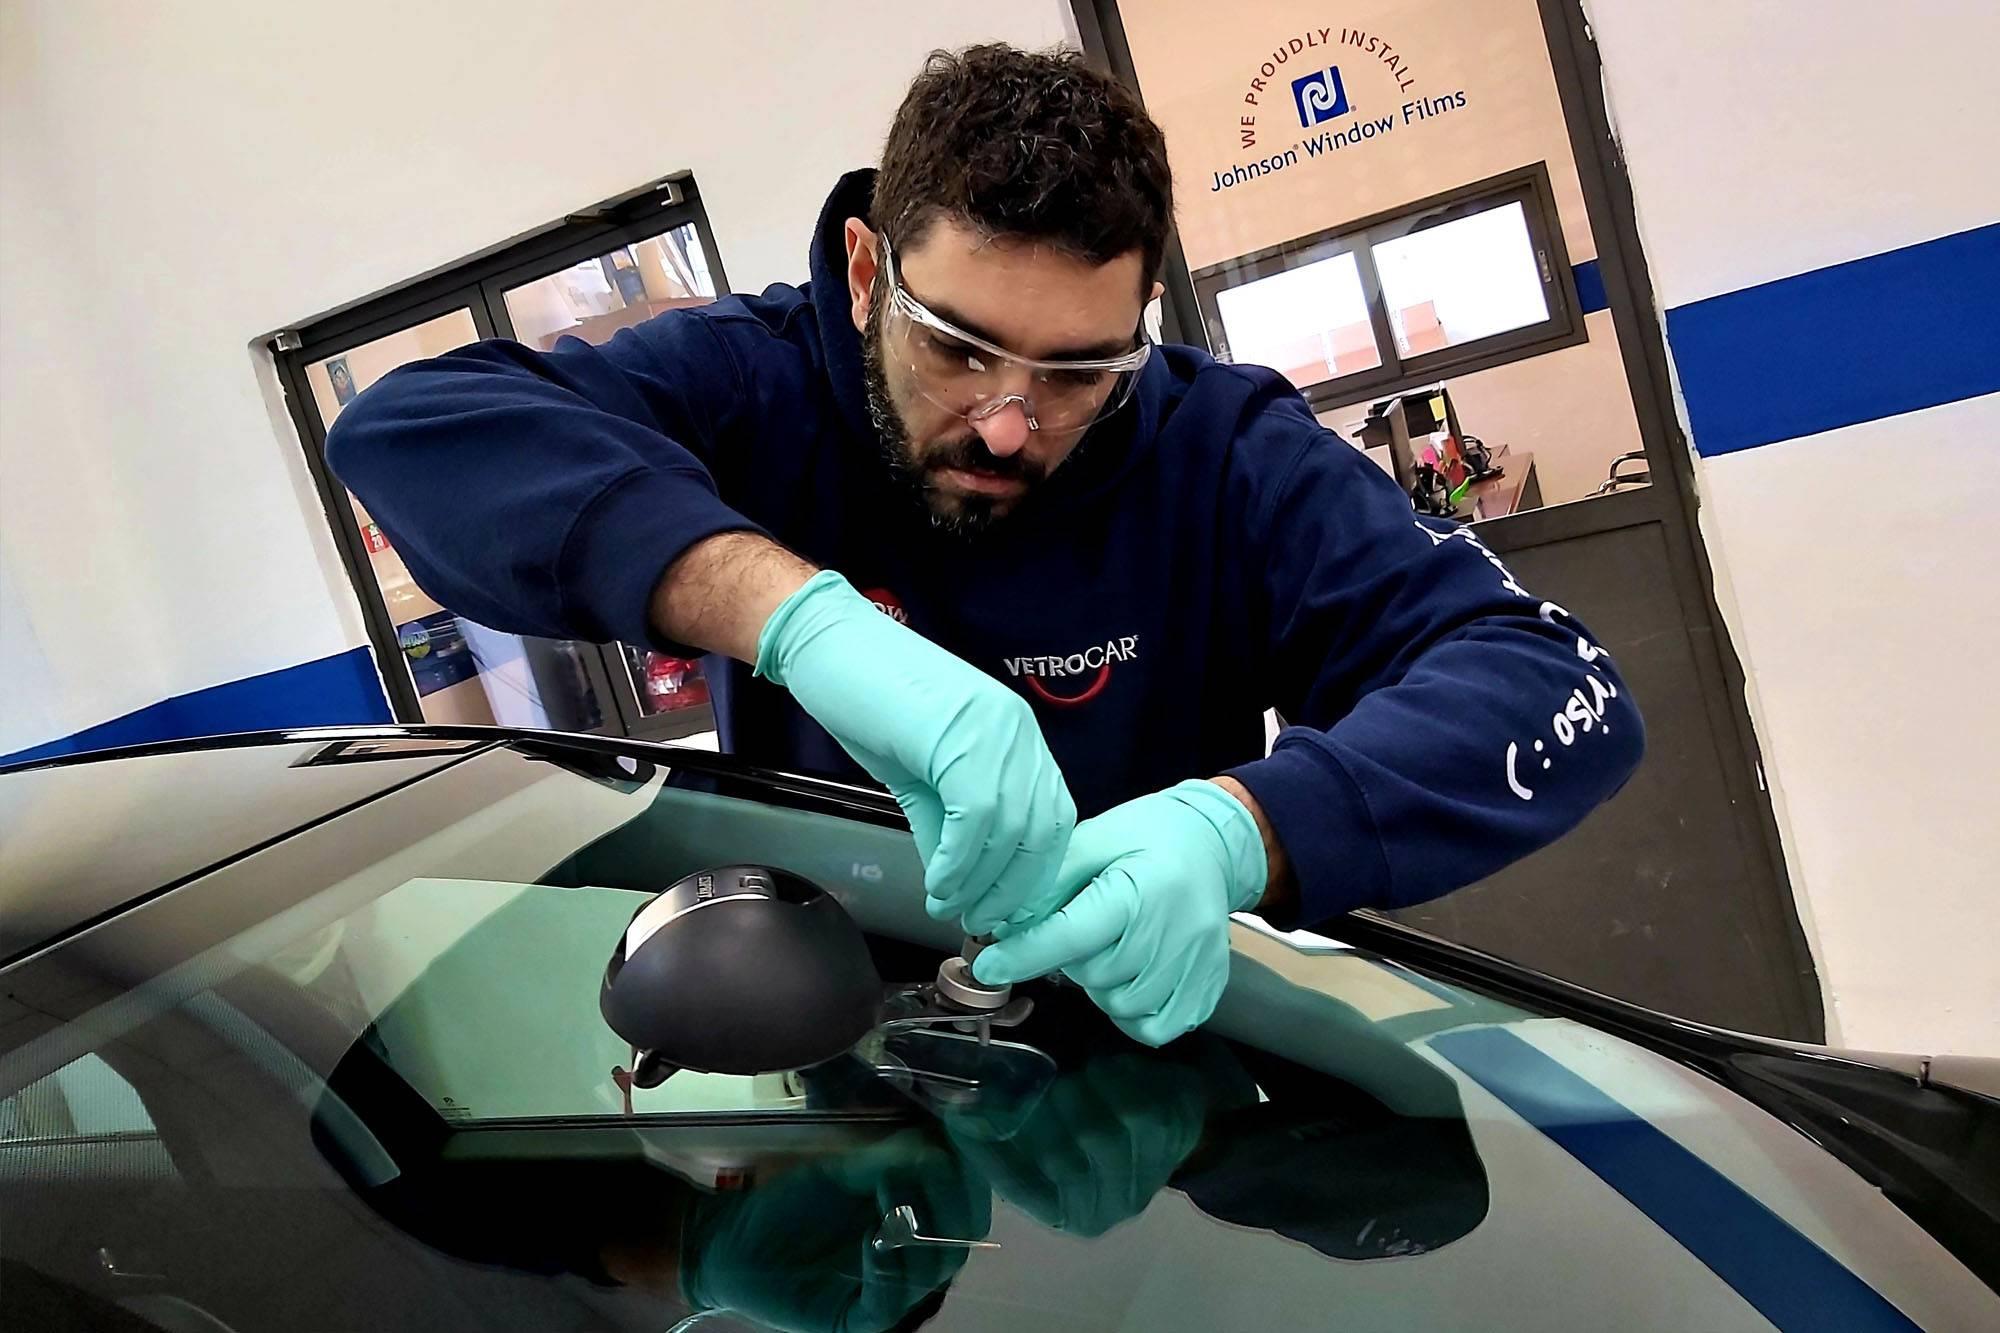 vetrocar corvetto ripamonti milano riparazione sostituzione vetri parabrezza oscuramento pellicola